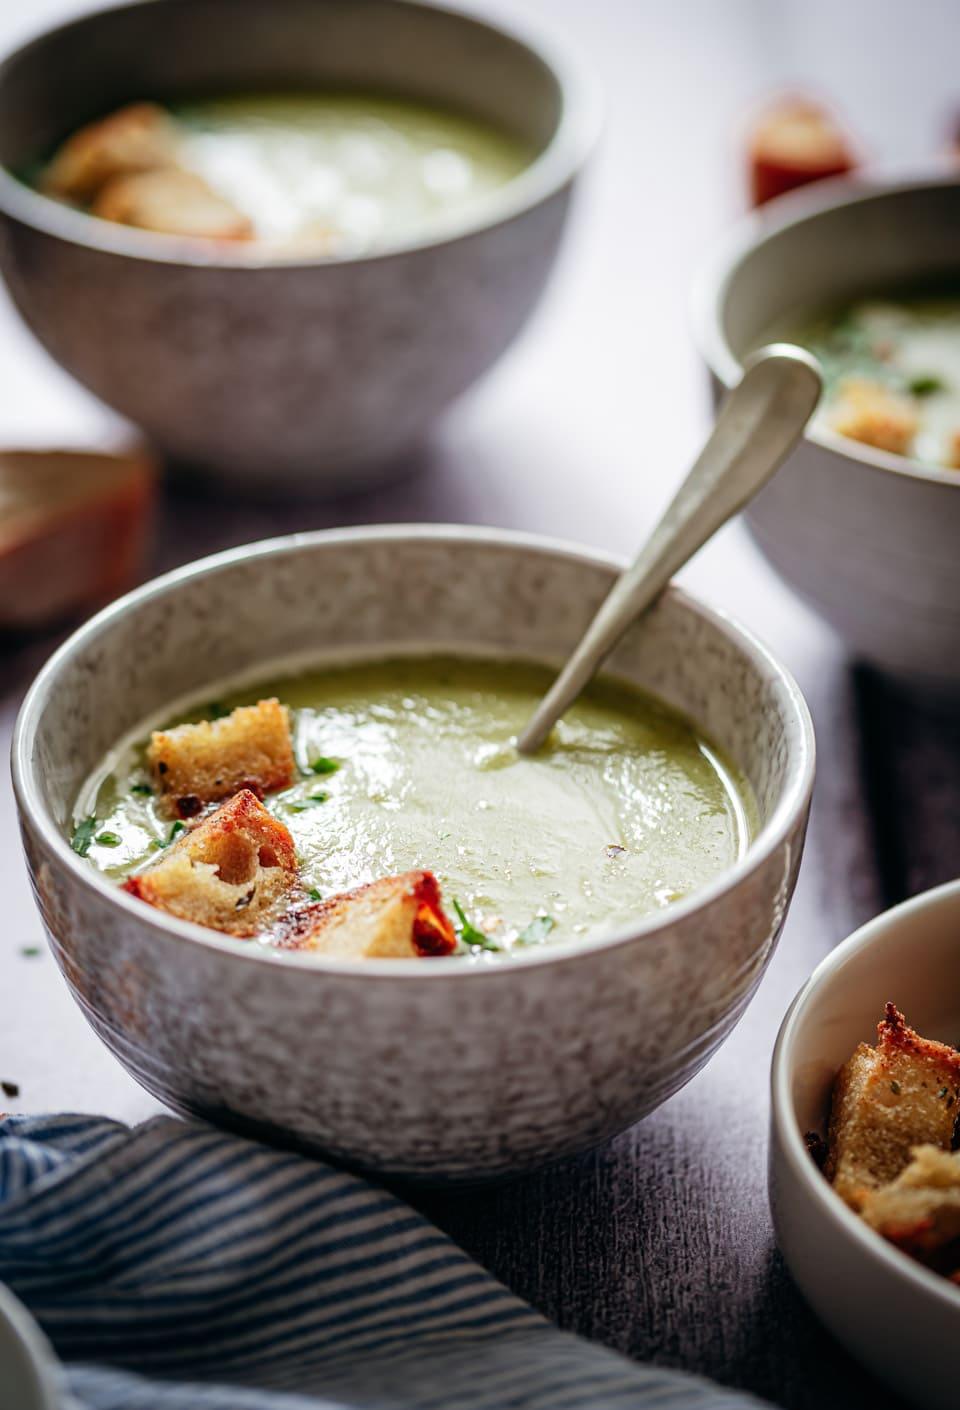 Soep met doperwten, courgette en broccoli